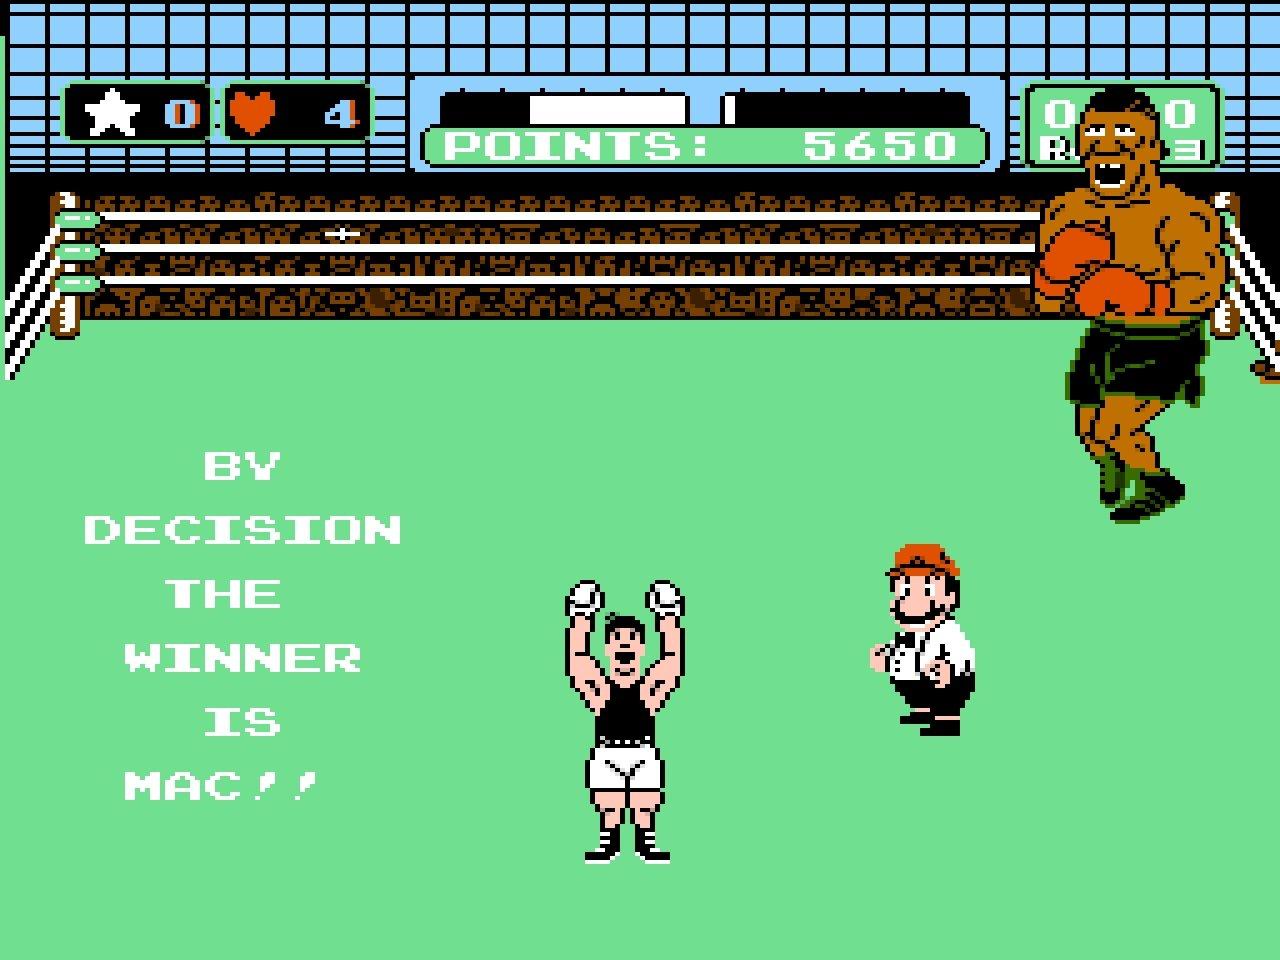 マイク・タイソン氏にも愛着あり? 激ムズのファミコン版『パンチアウト!!』が発売33周年の画像008